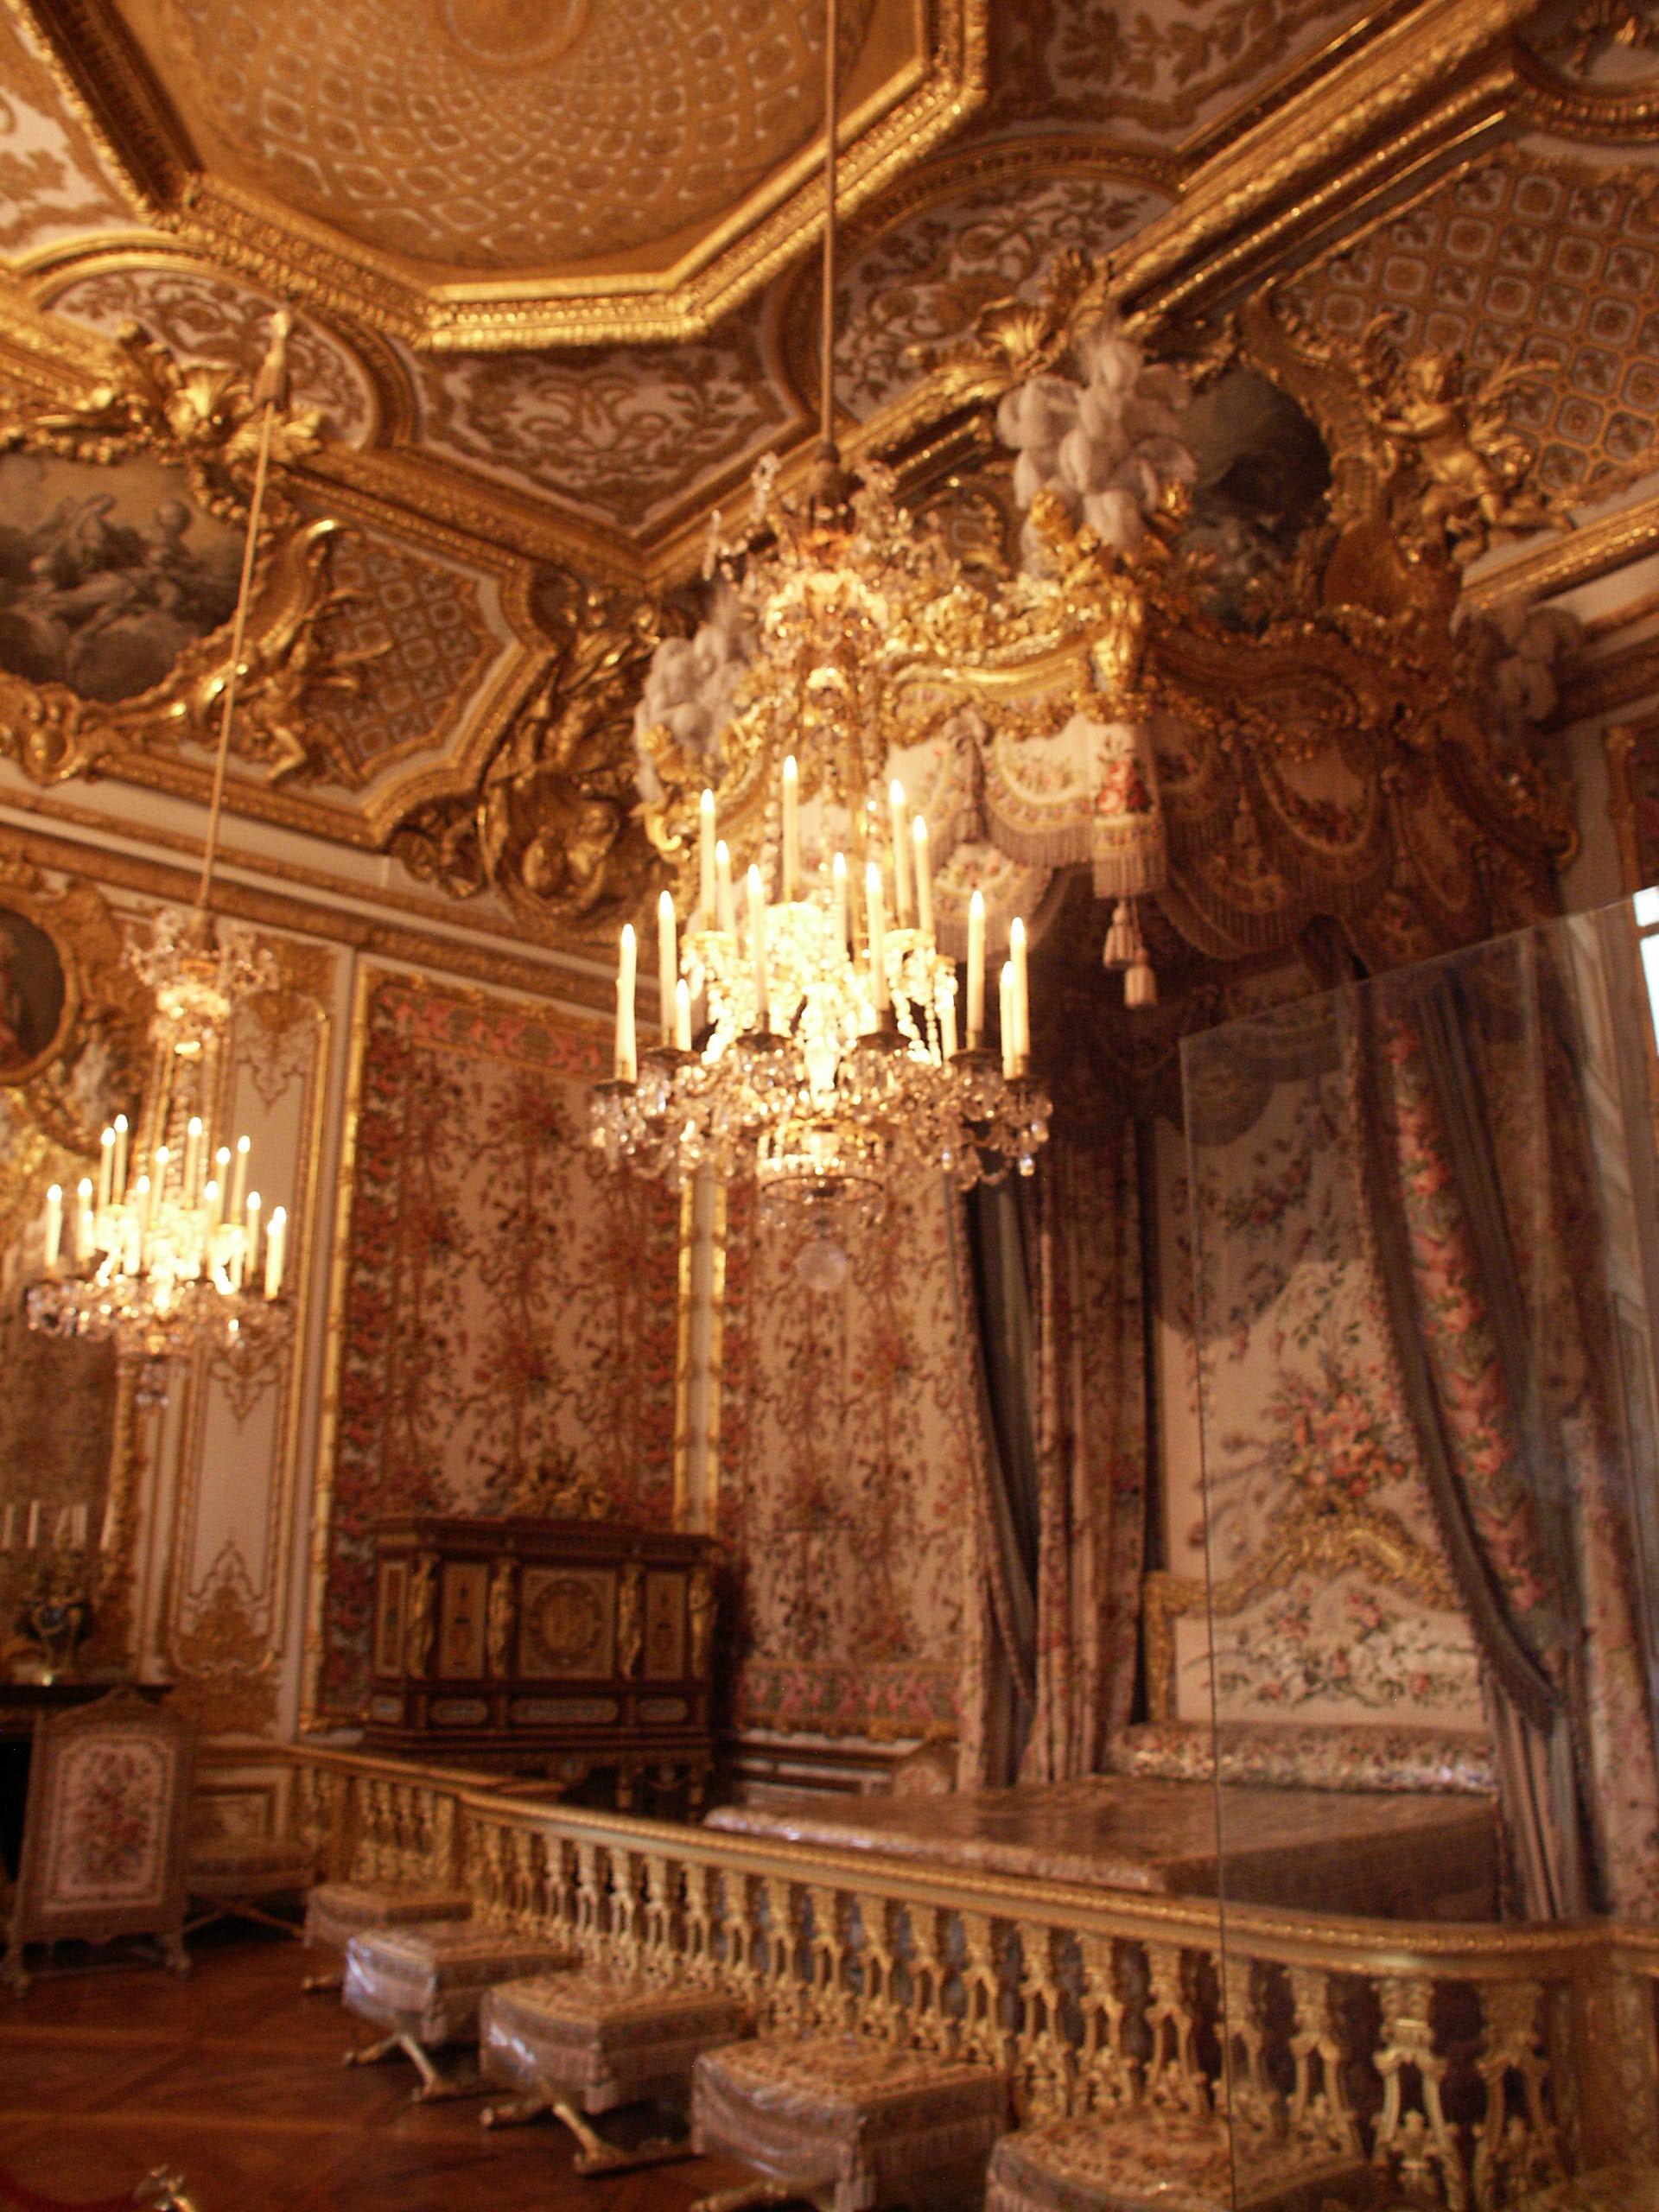 Chambre de la reine for Chambre de la reine